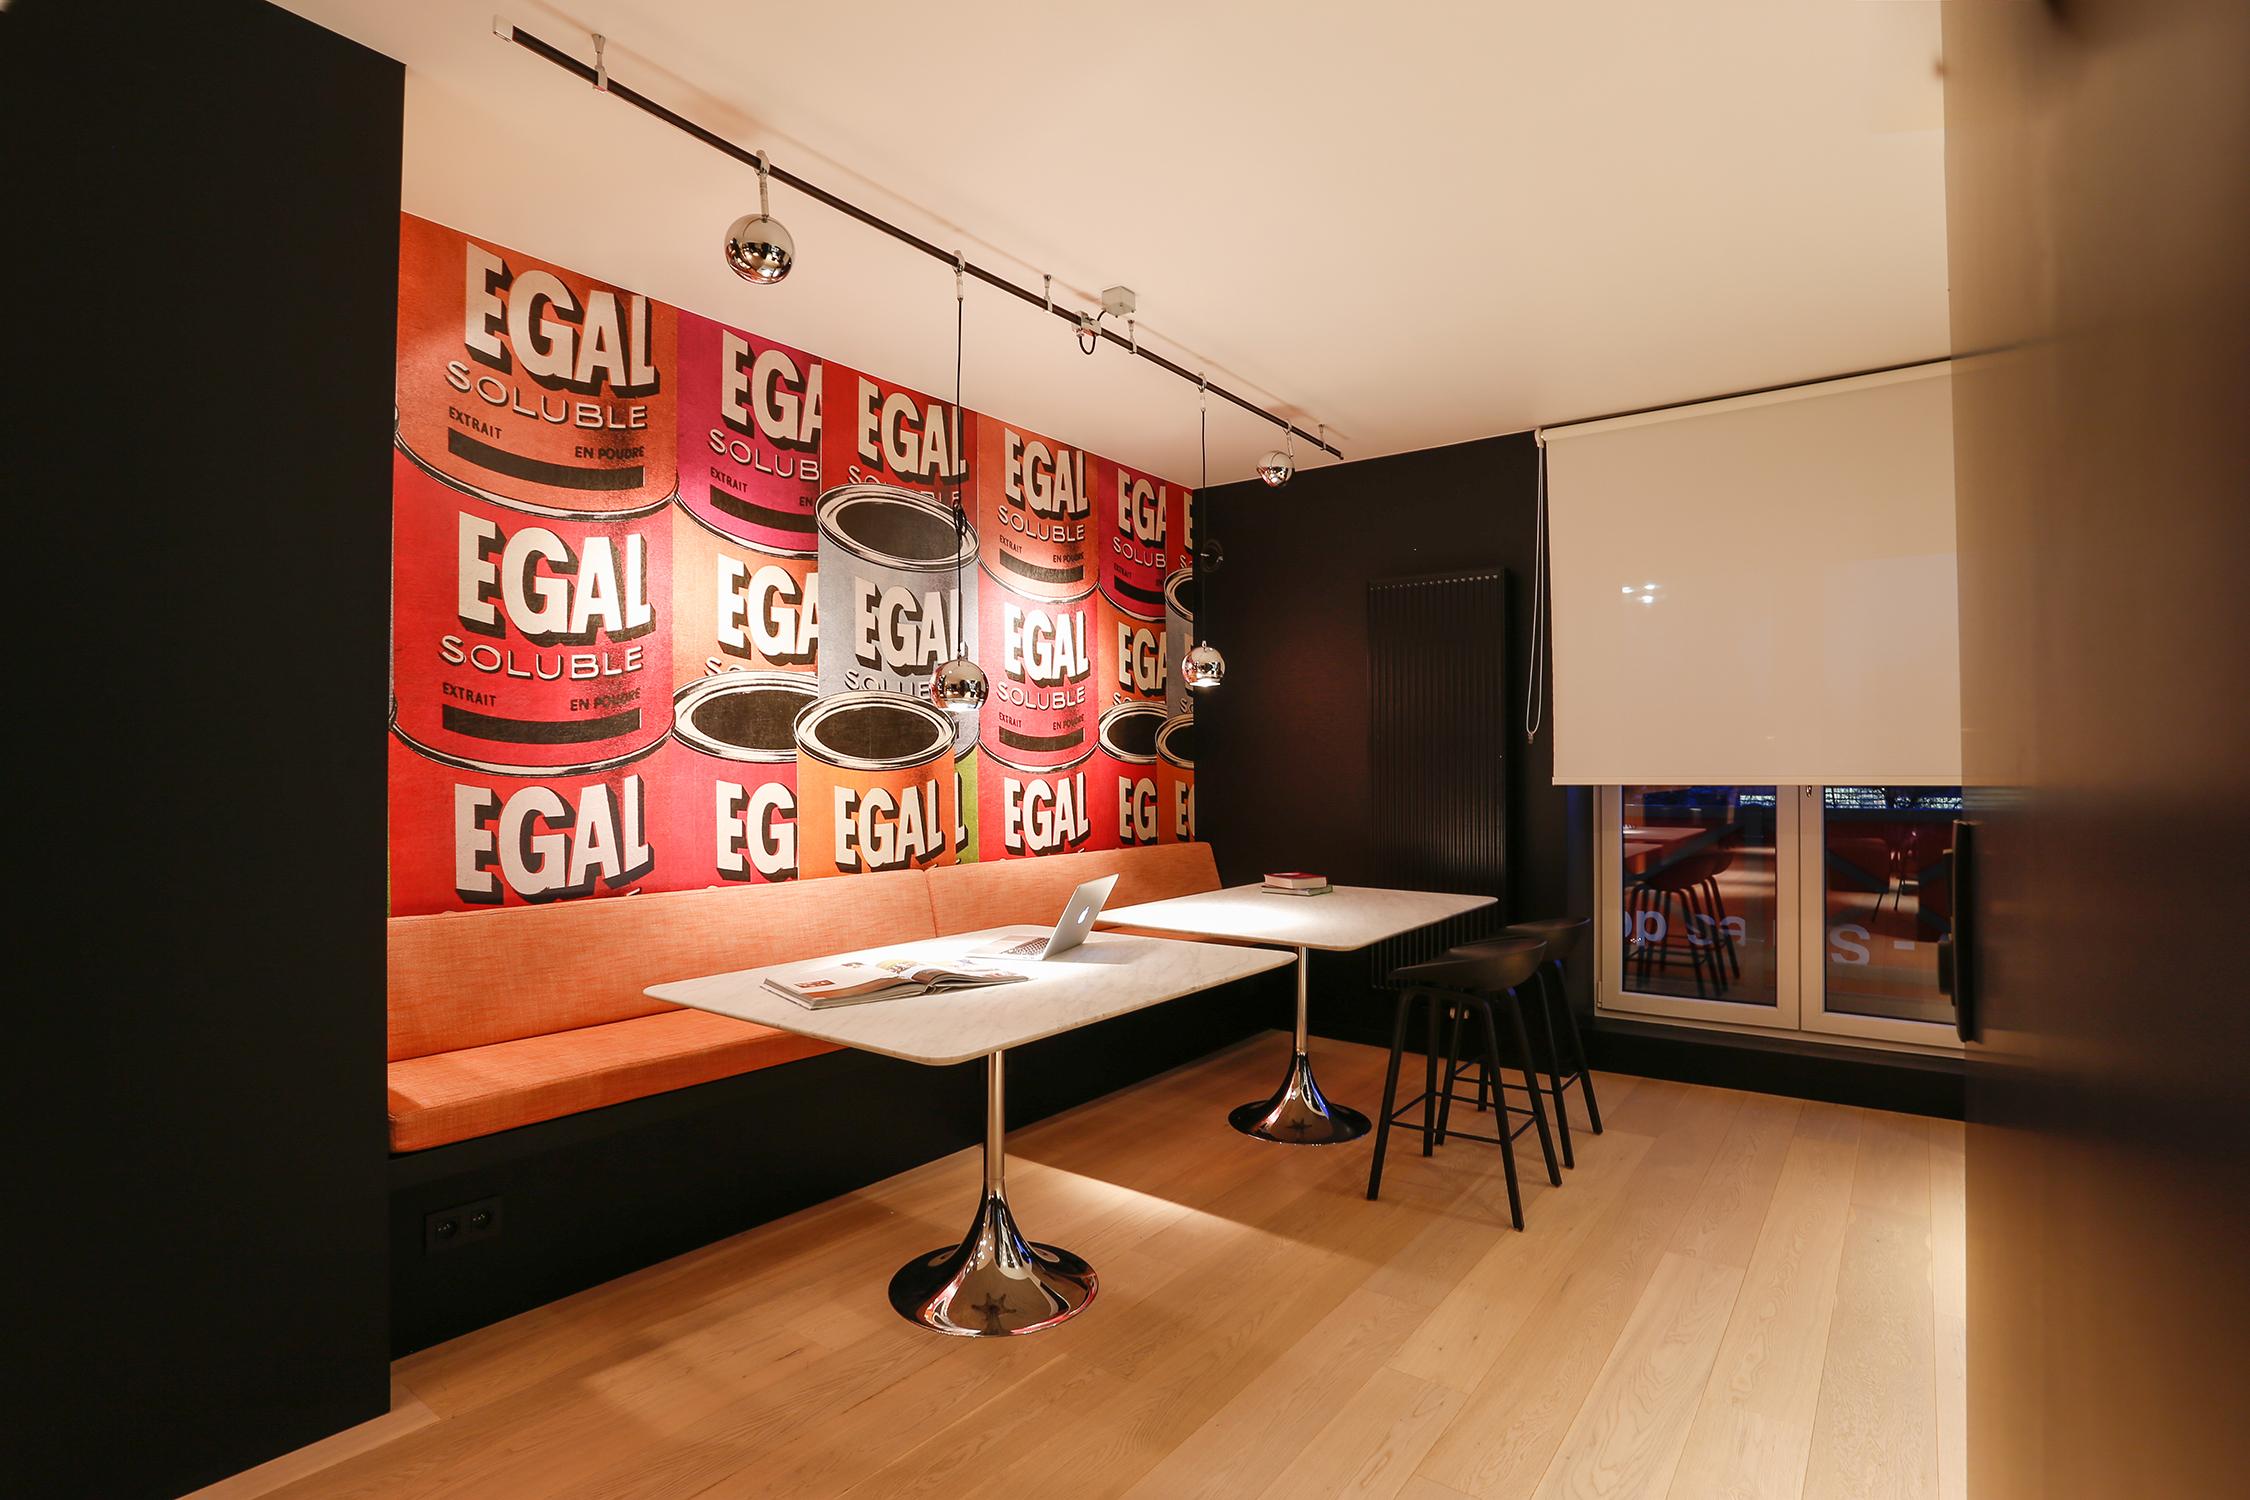 AppartementDrève Richelle - Aménagement intérieur d'un duplex.Conseil couleurs, choix des stores et papiers peints, réalisation d'une banquette sur mesure.